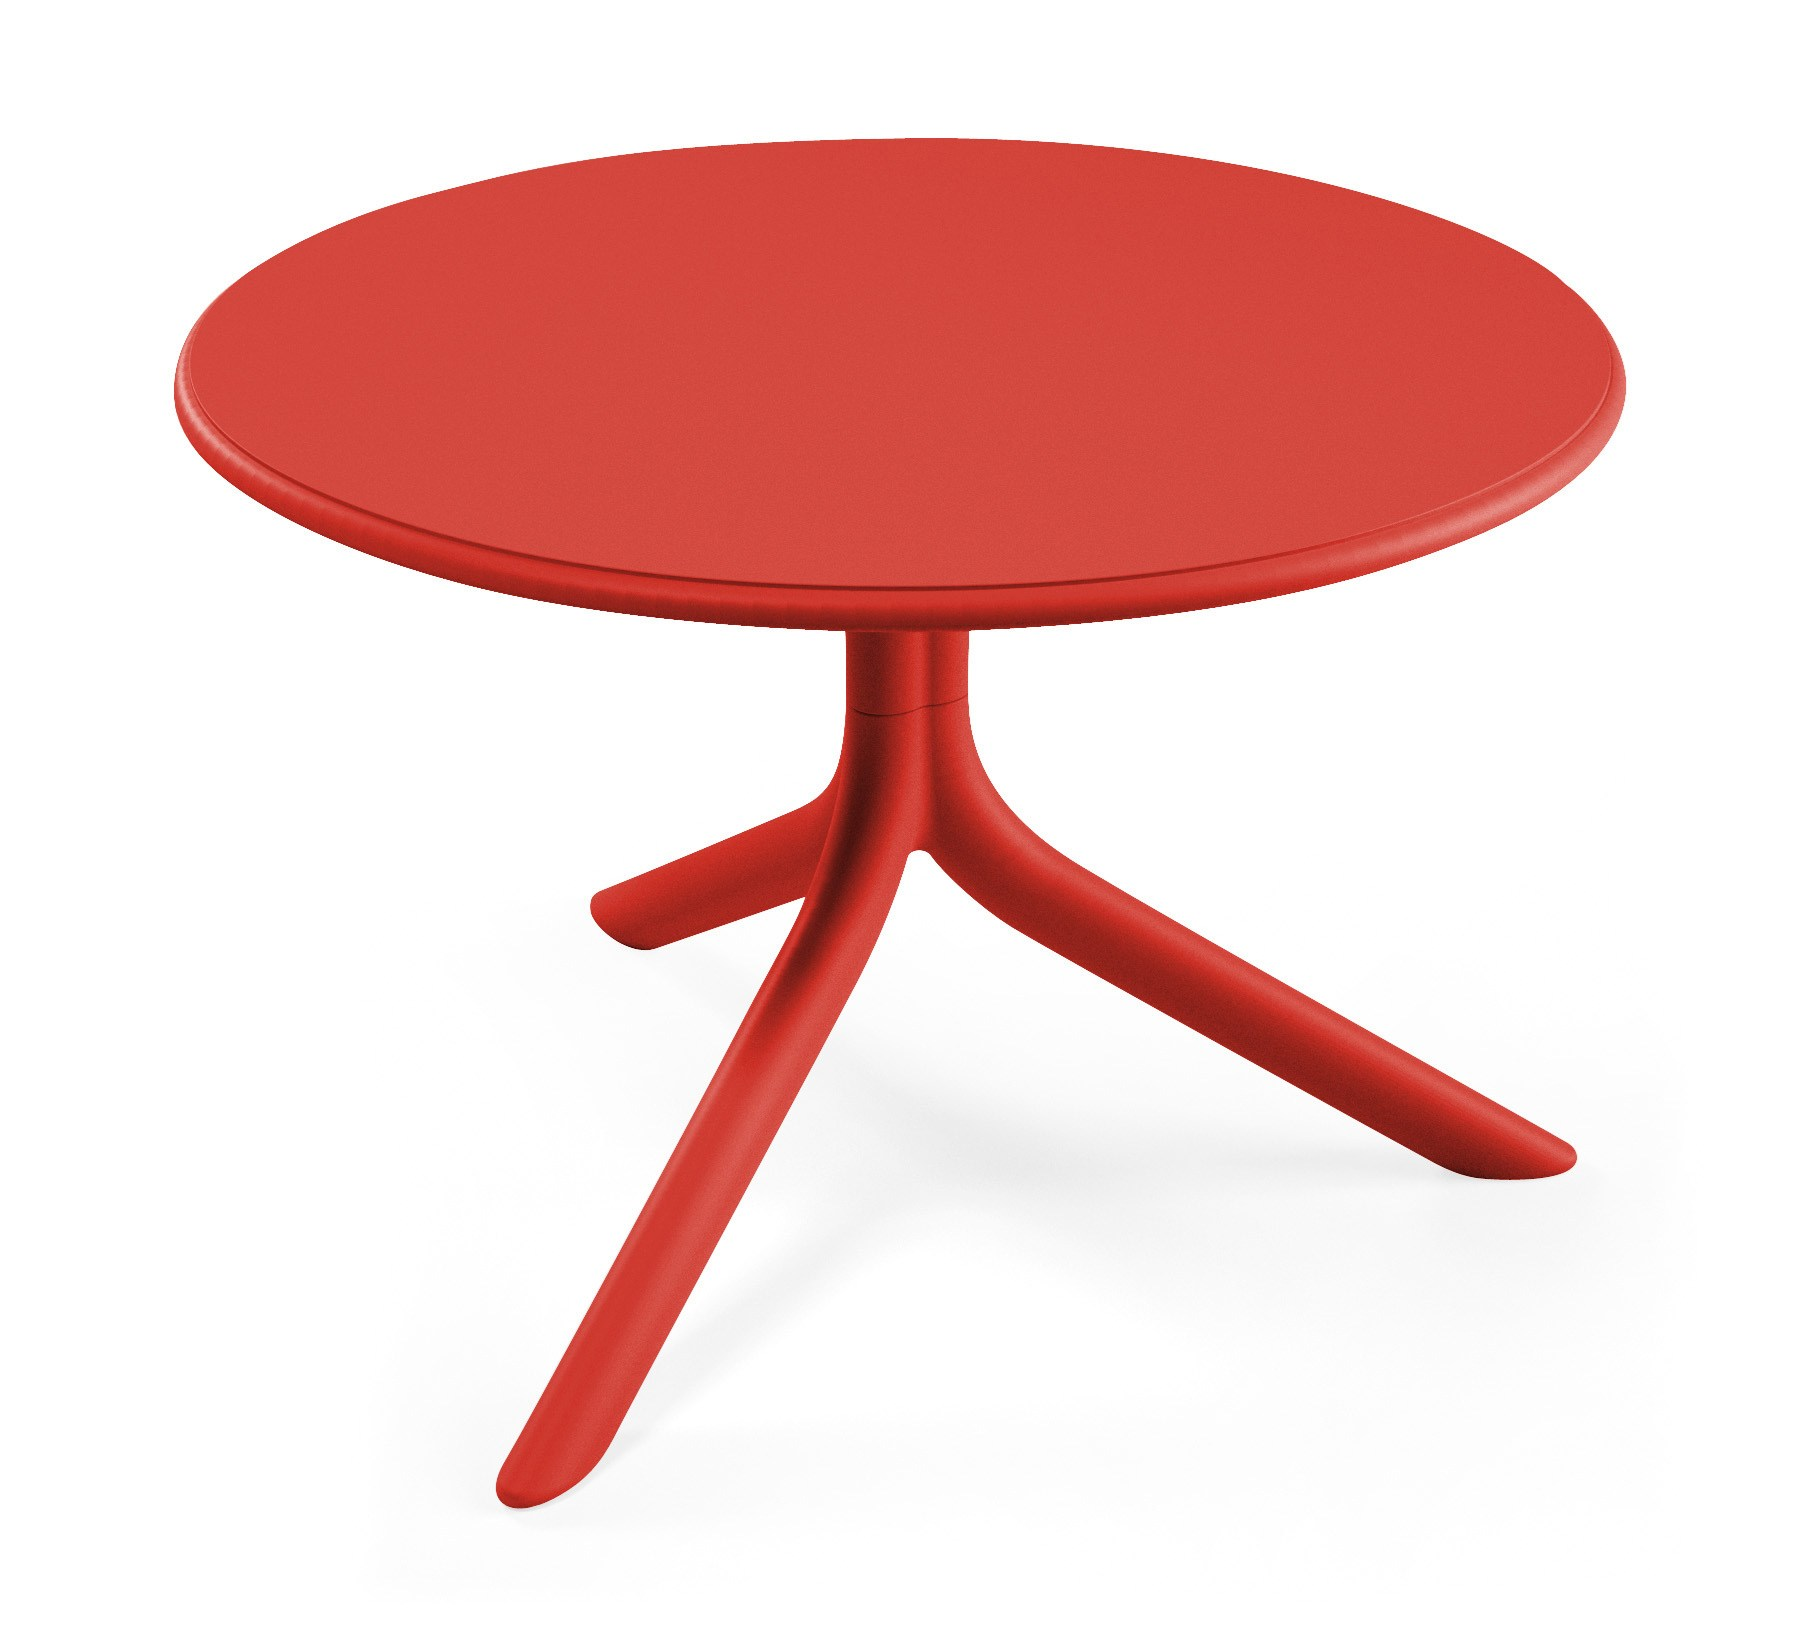 Table de jardin extensible pvc - Table jardin d eveil bilingue chicco reims ...